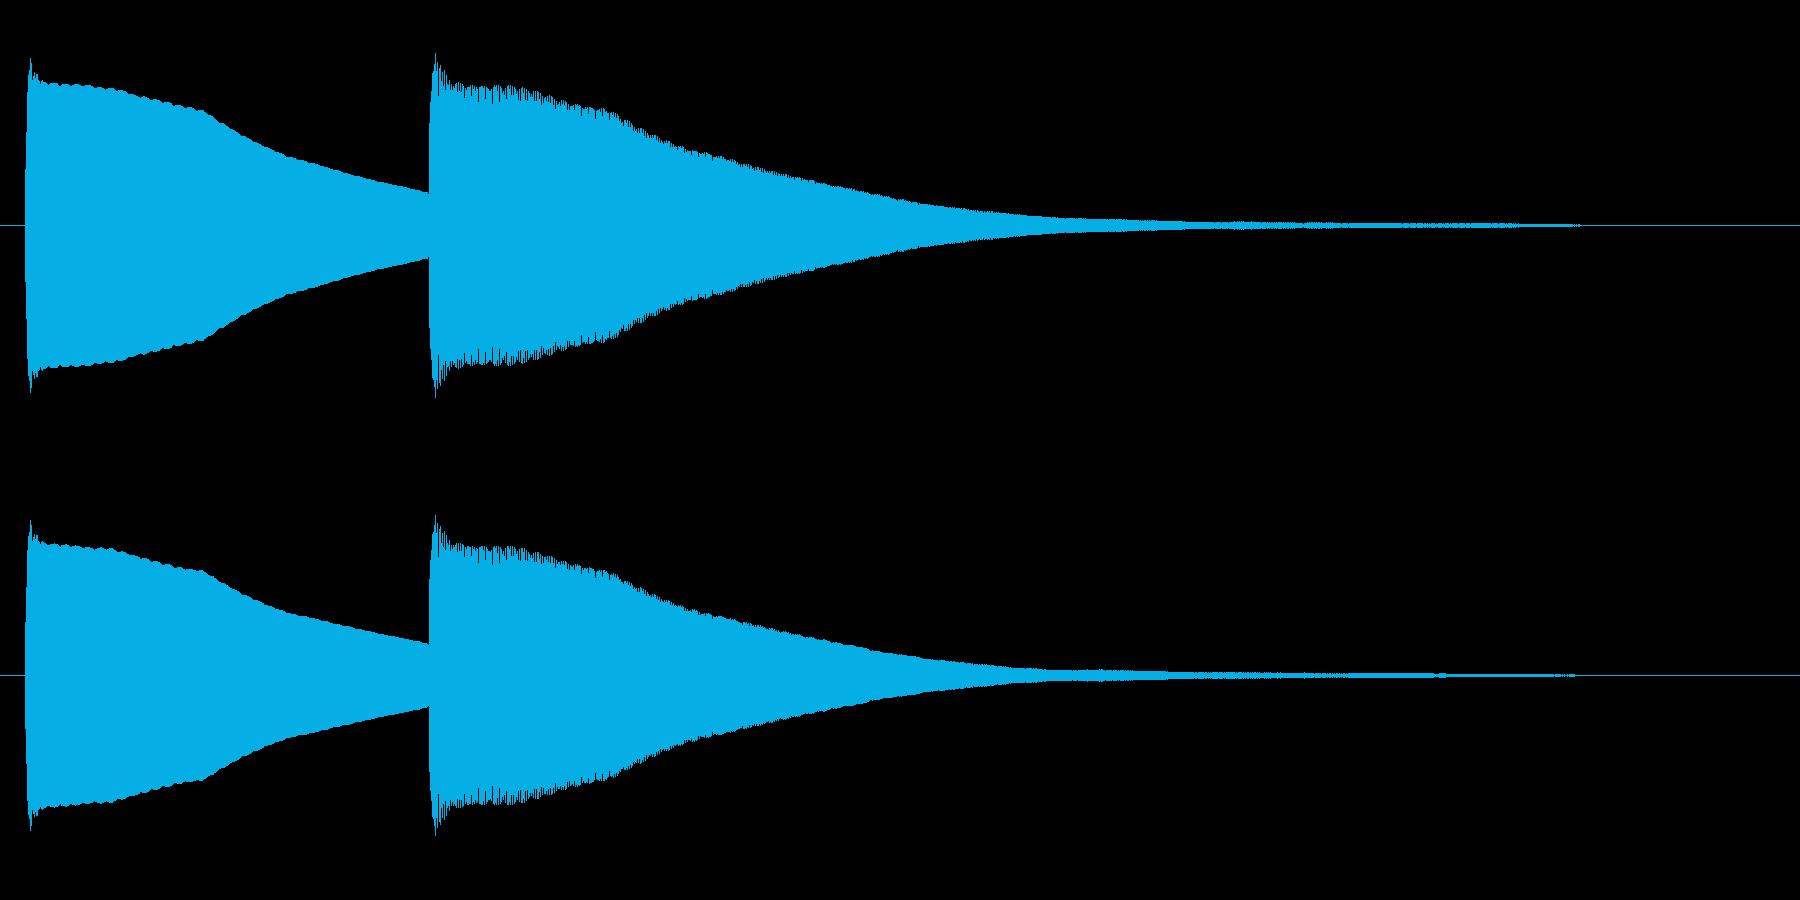 ピンポーン(可愛らしい正解音)の再生済みの波形